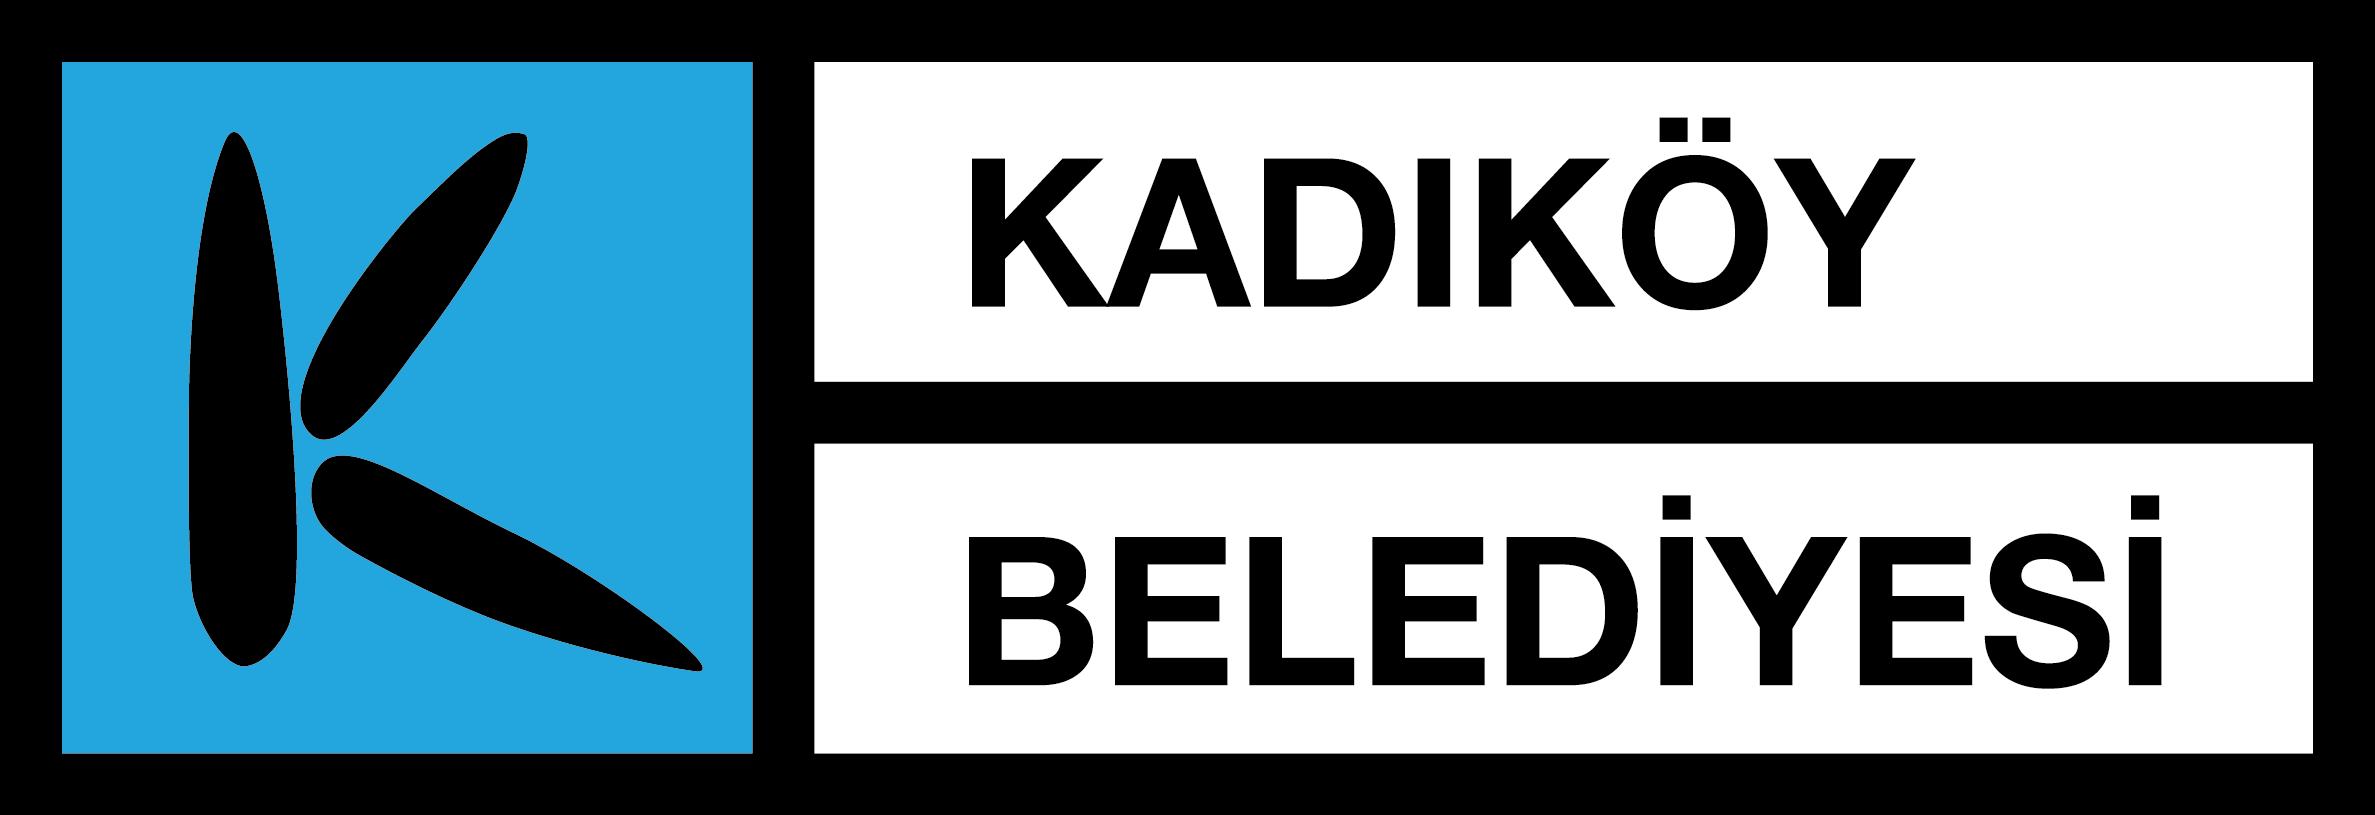 Kadıköy Belediyesi (İstanbul) Logo png